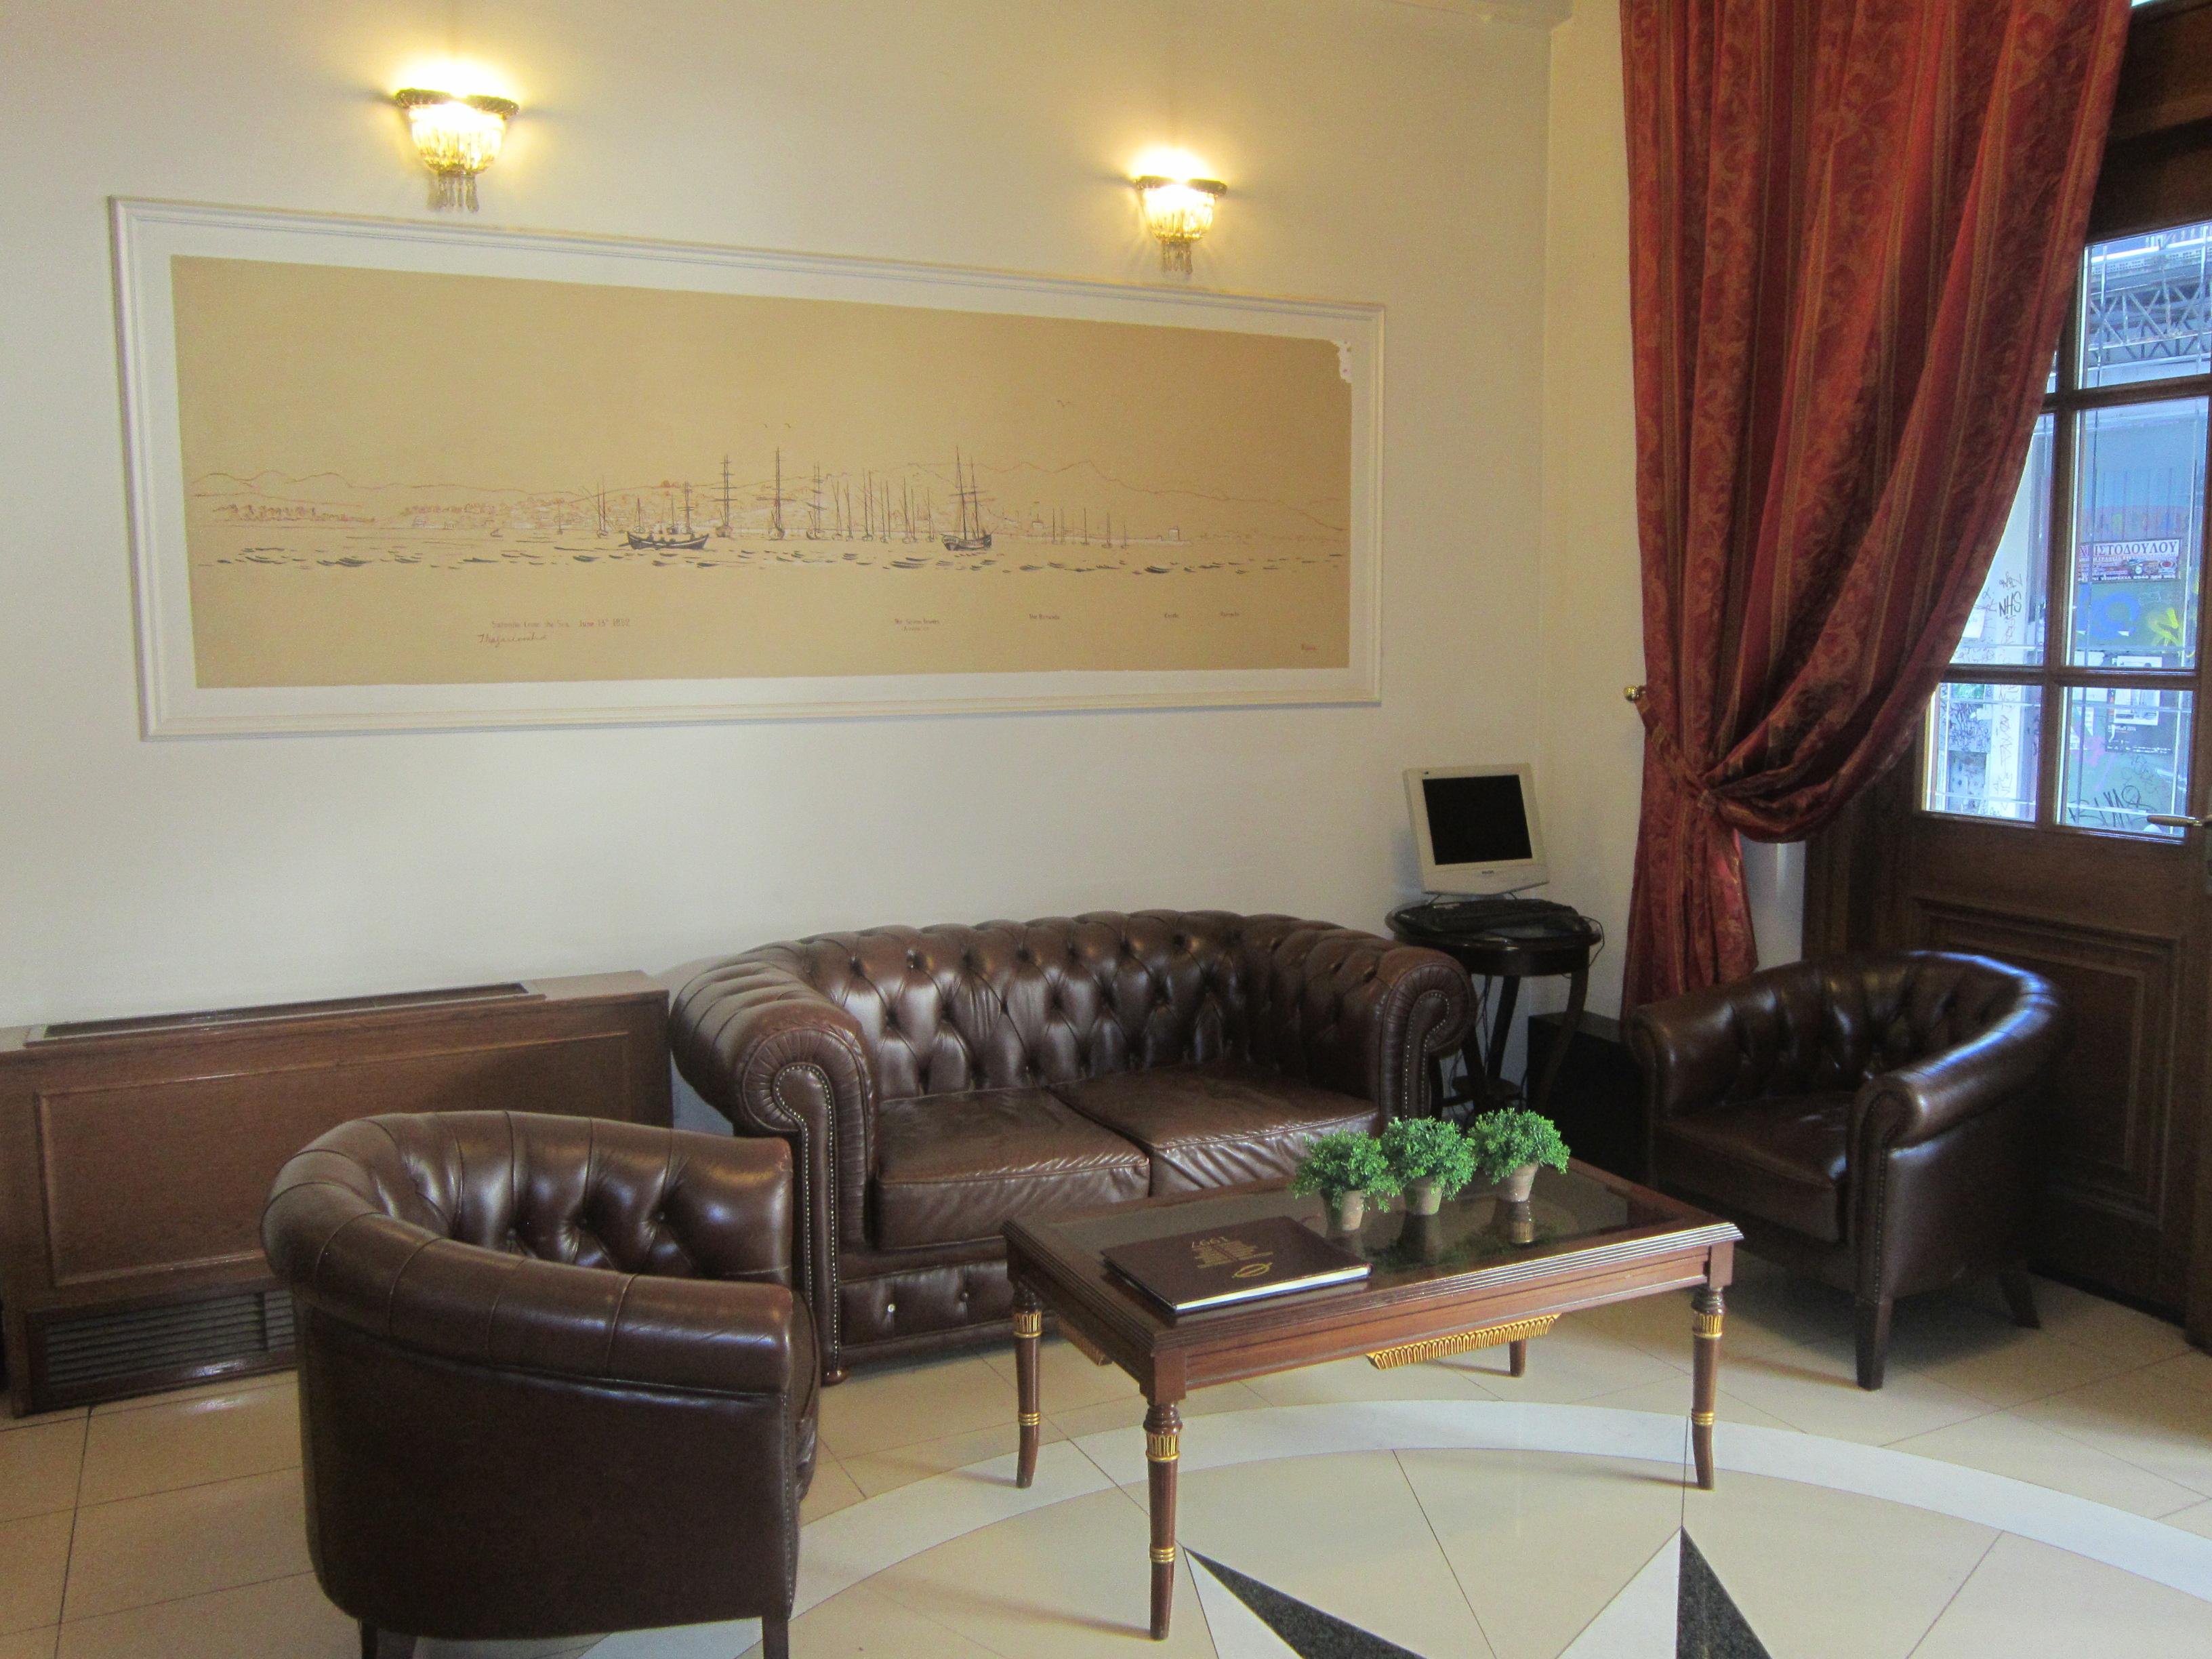 Minerva Premier Hotel Reservation Preferences